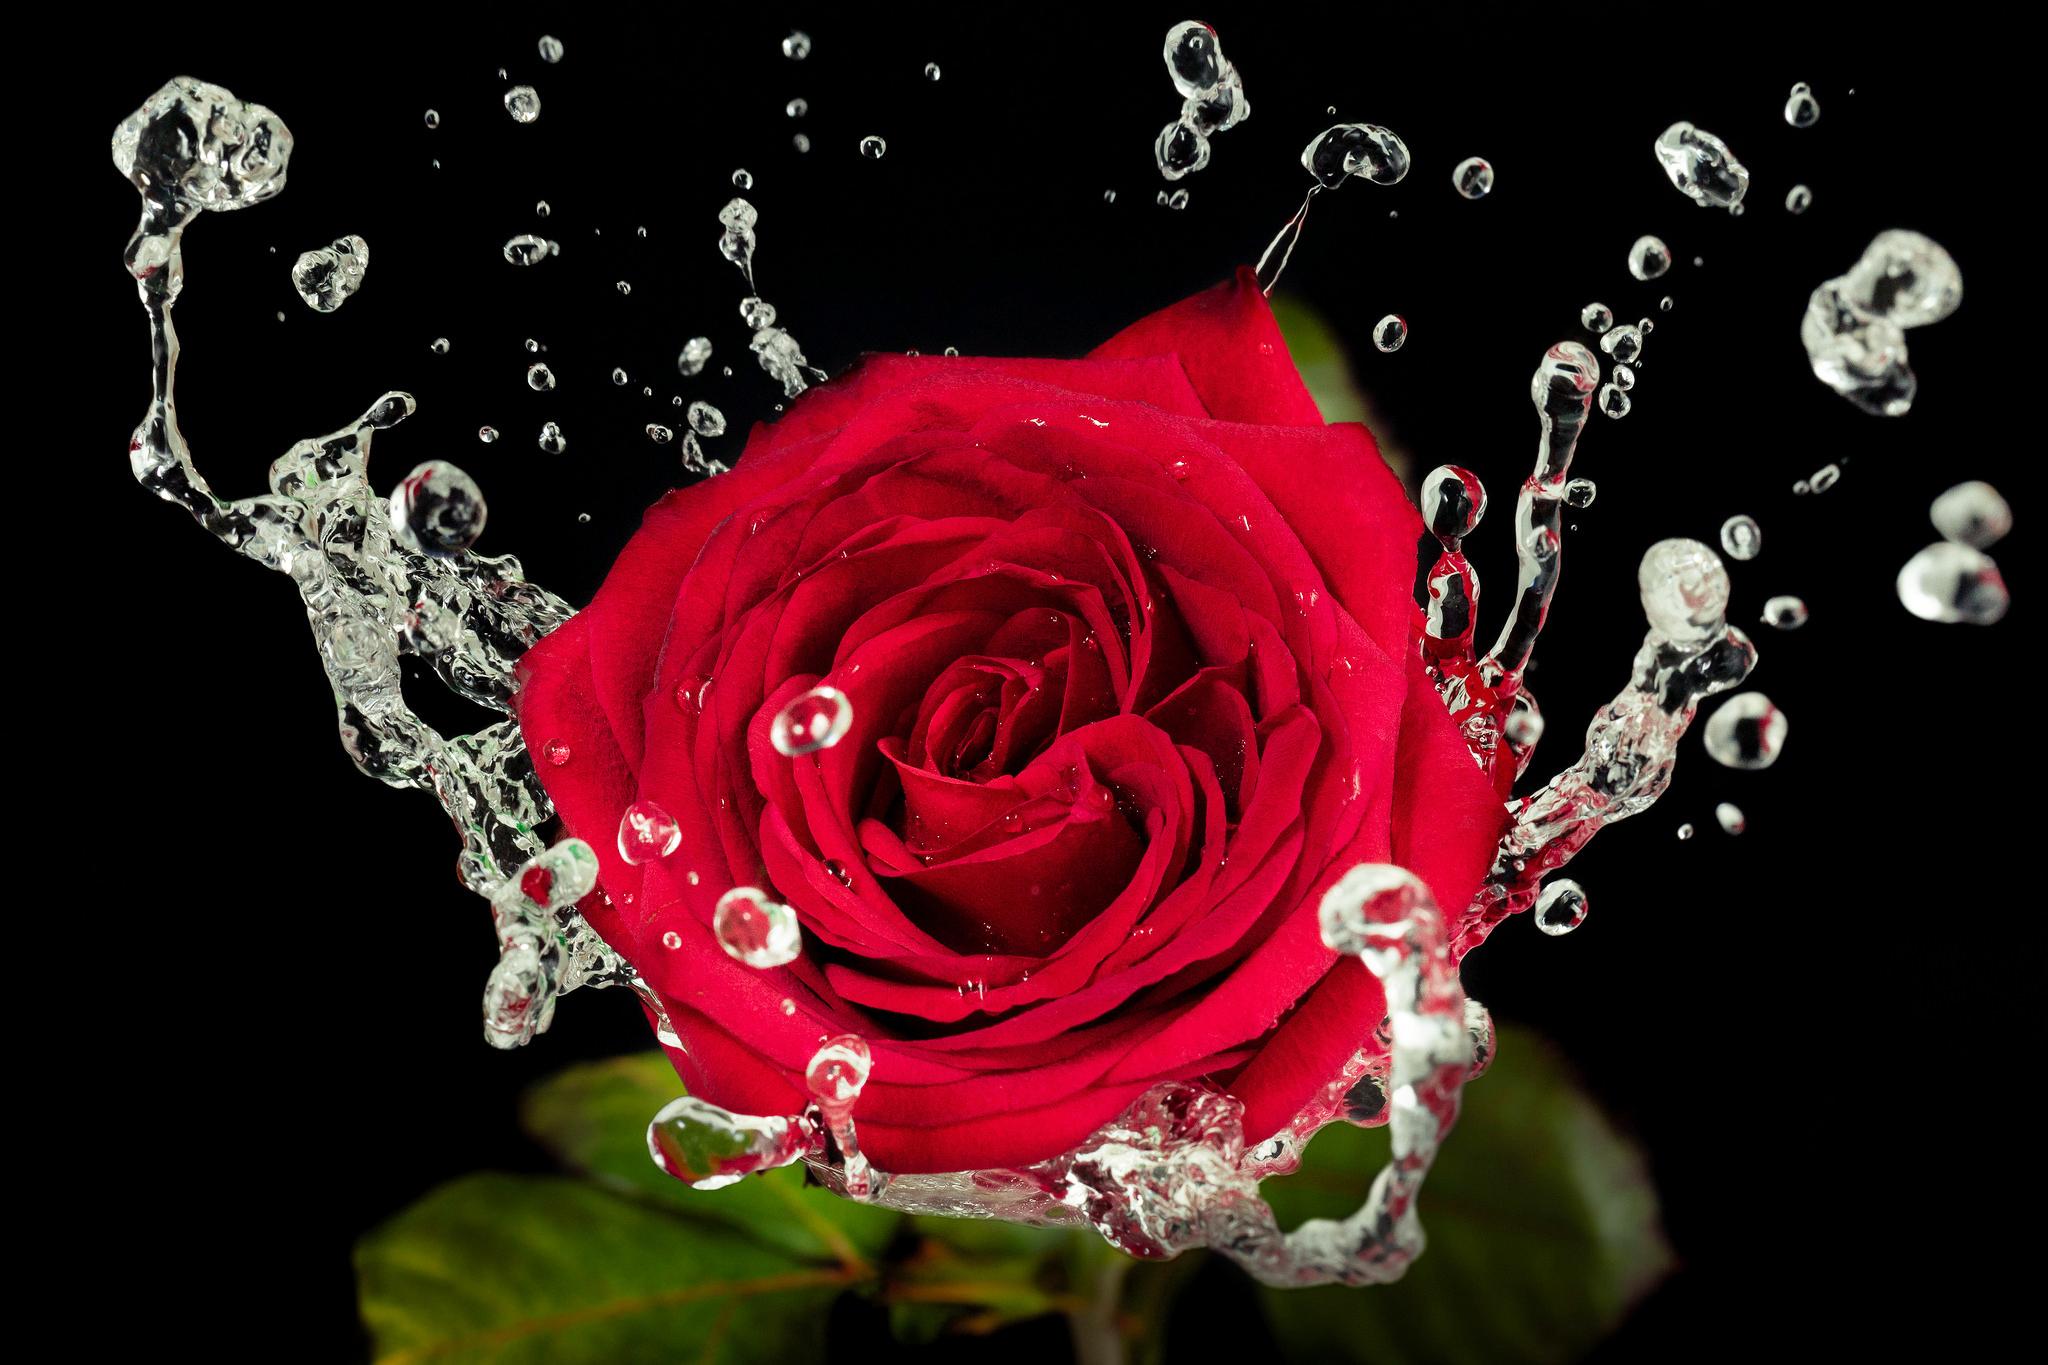 роза сердце капли  № 1395850 без смс